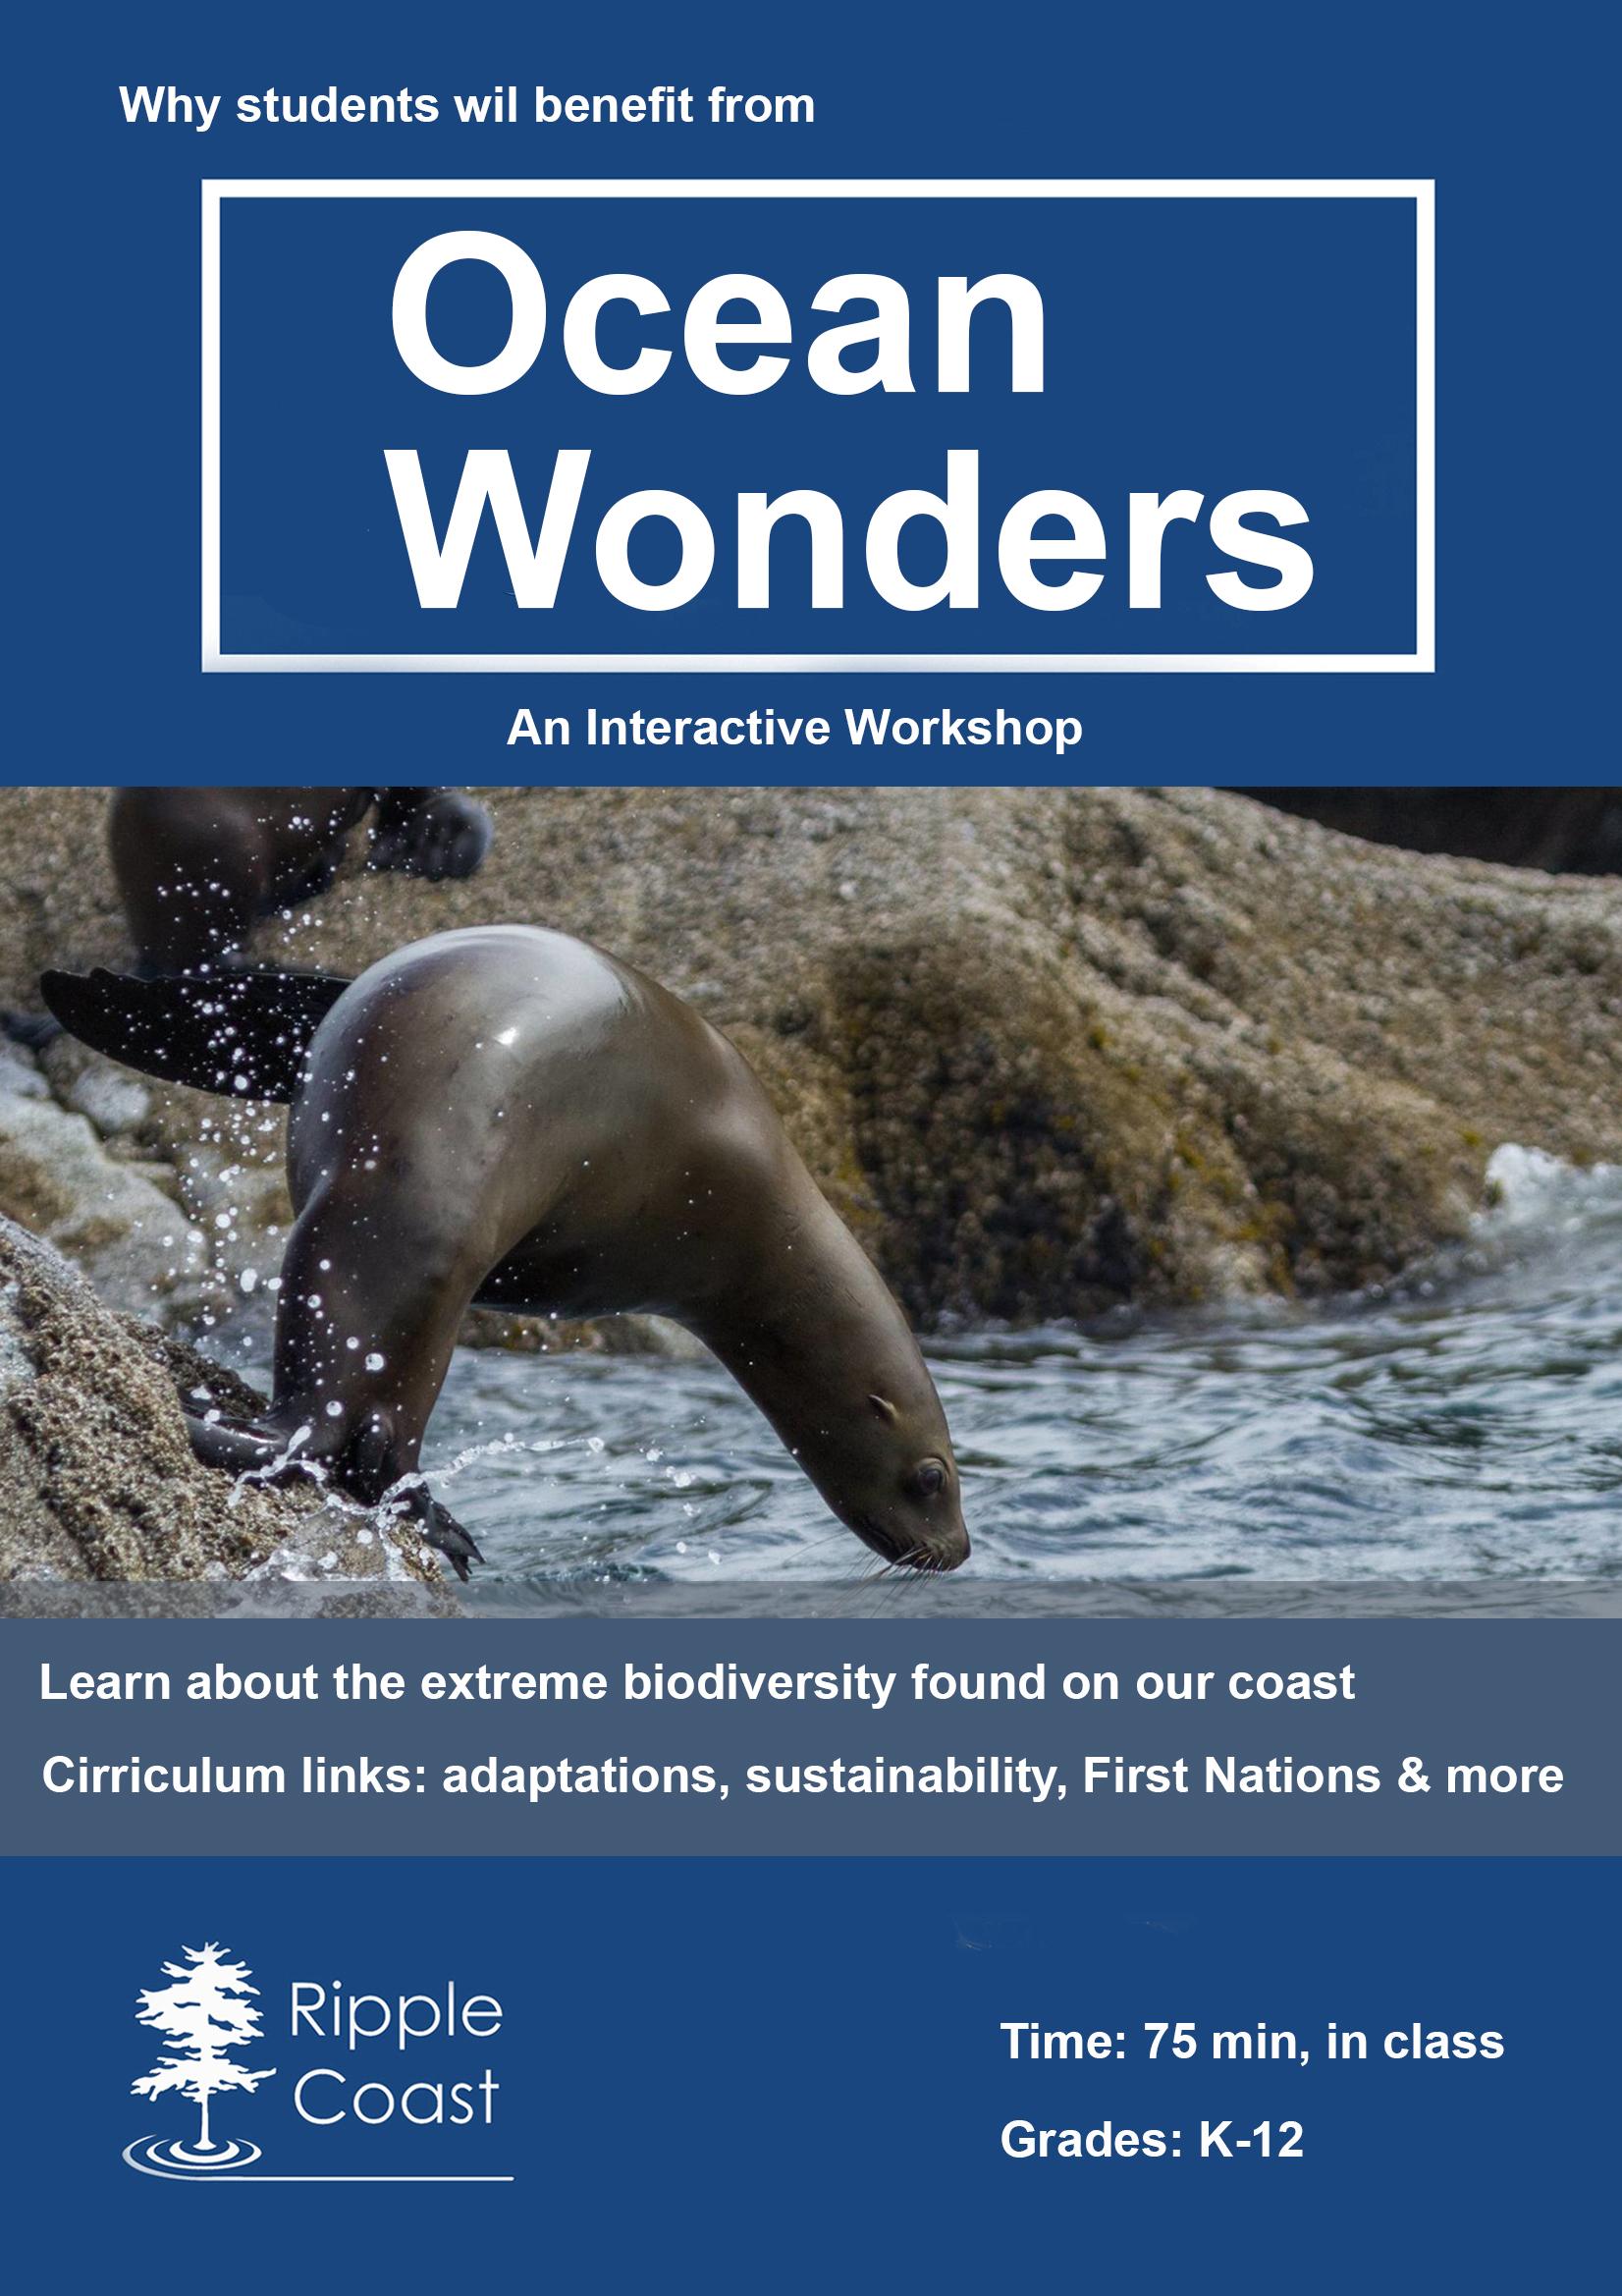 oceanwondersschoolposter_whybook.jpg